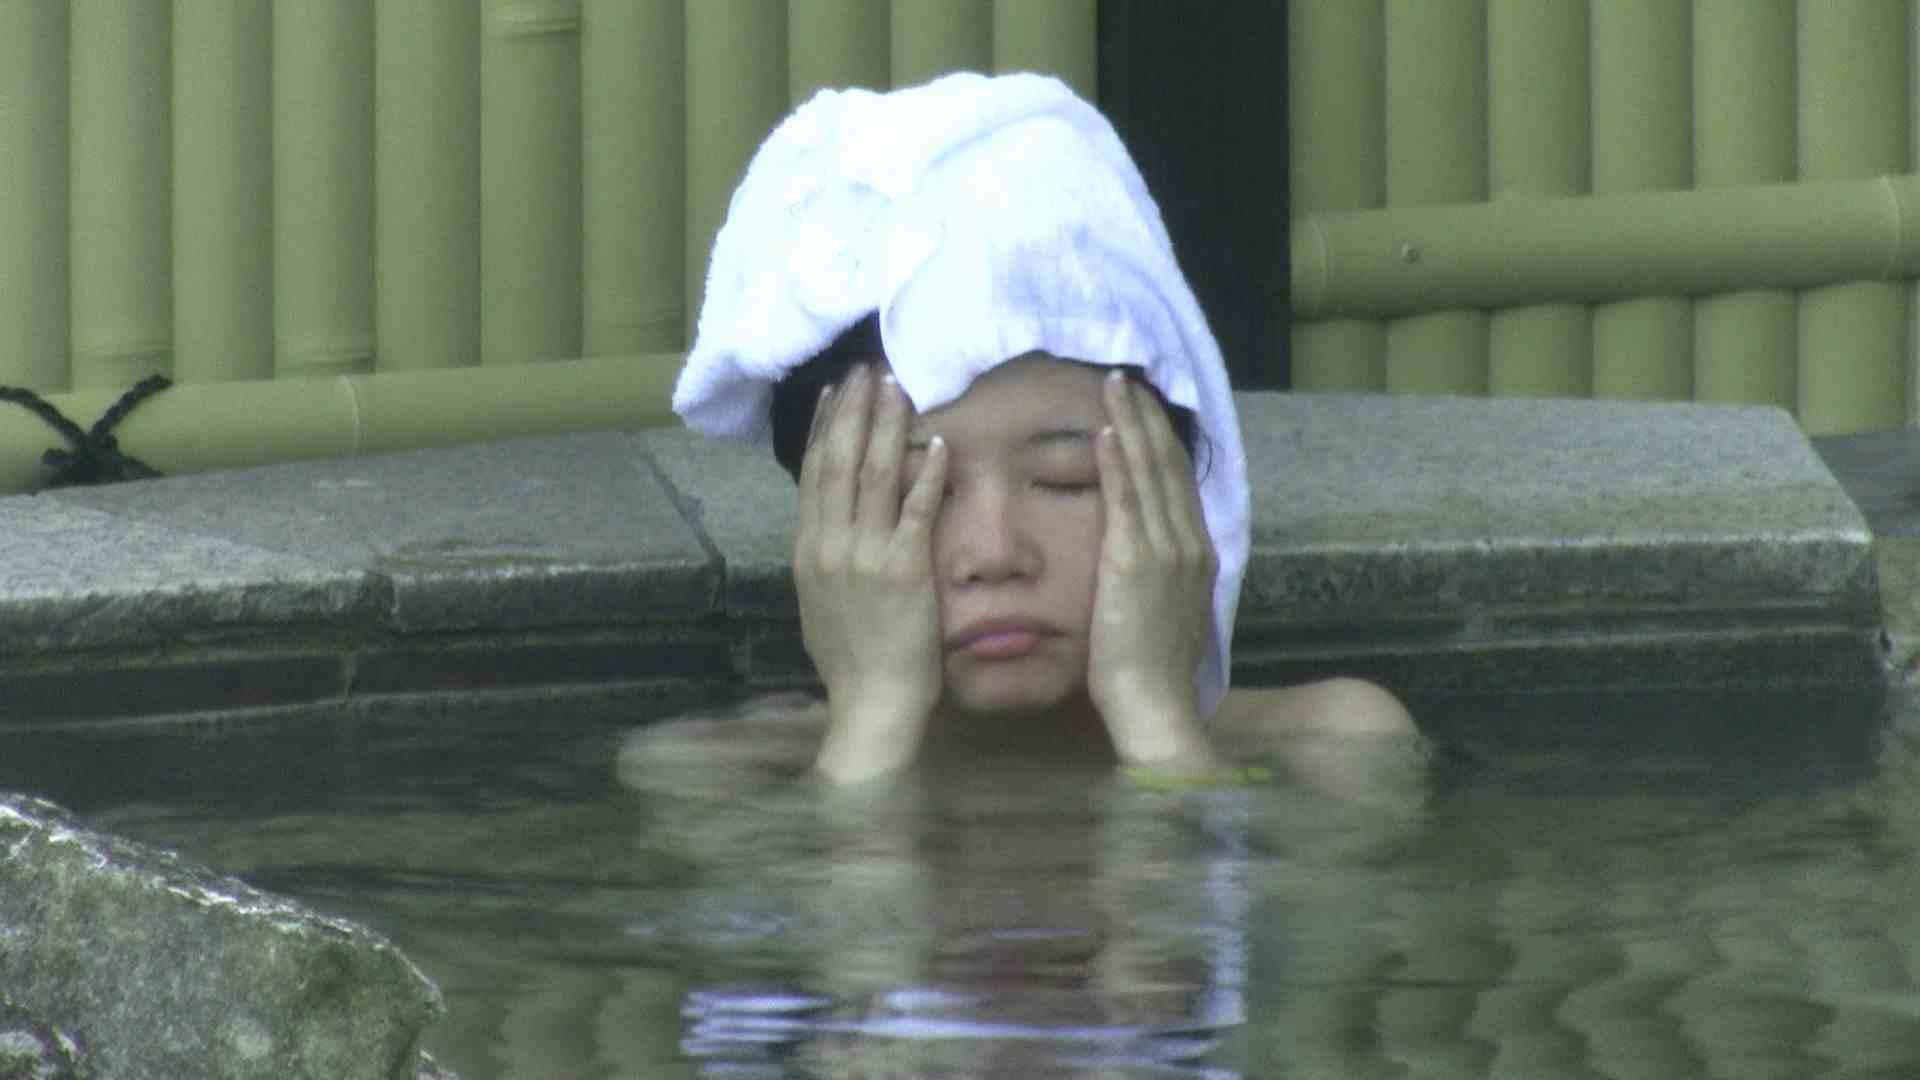 Aquaな露天風呂Vol.183 盗撮  69画像 60